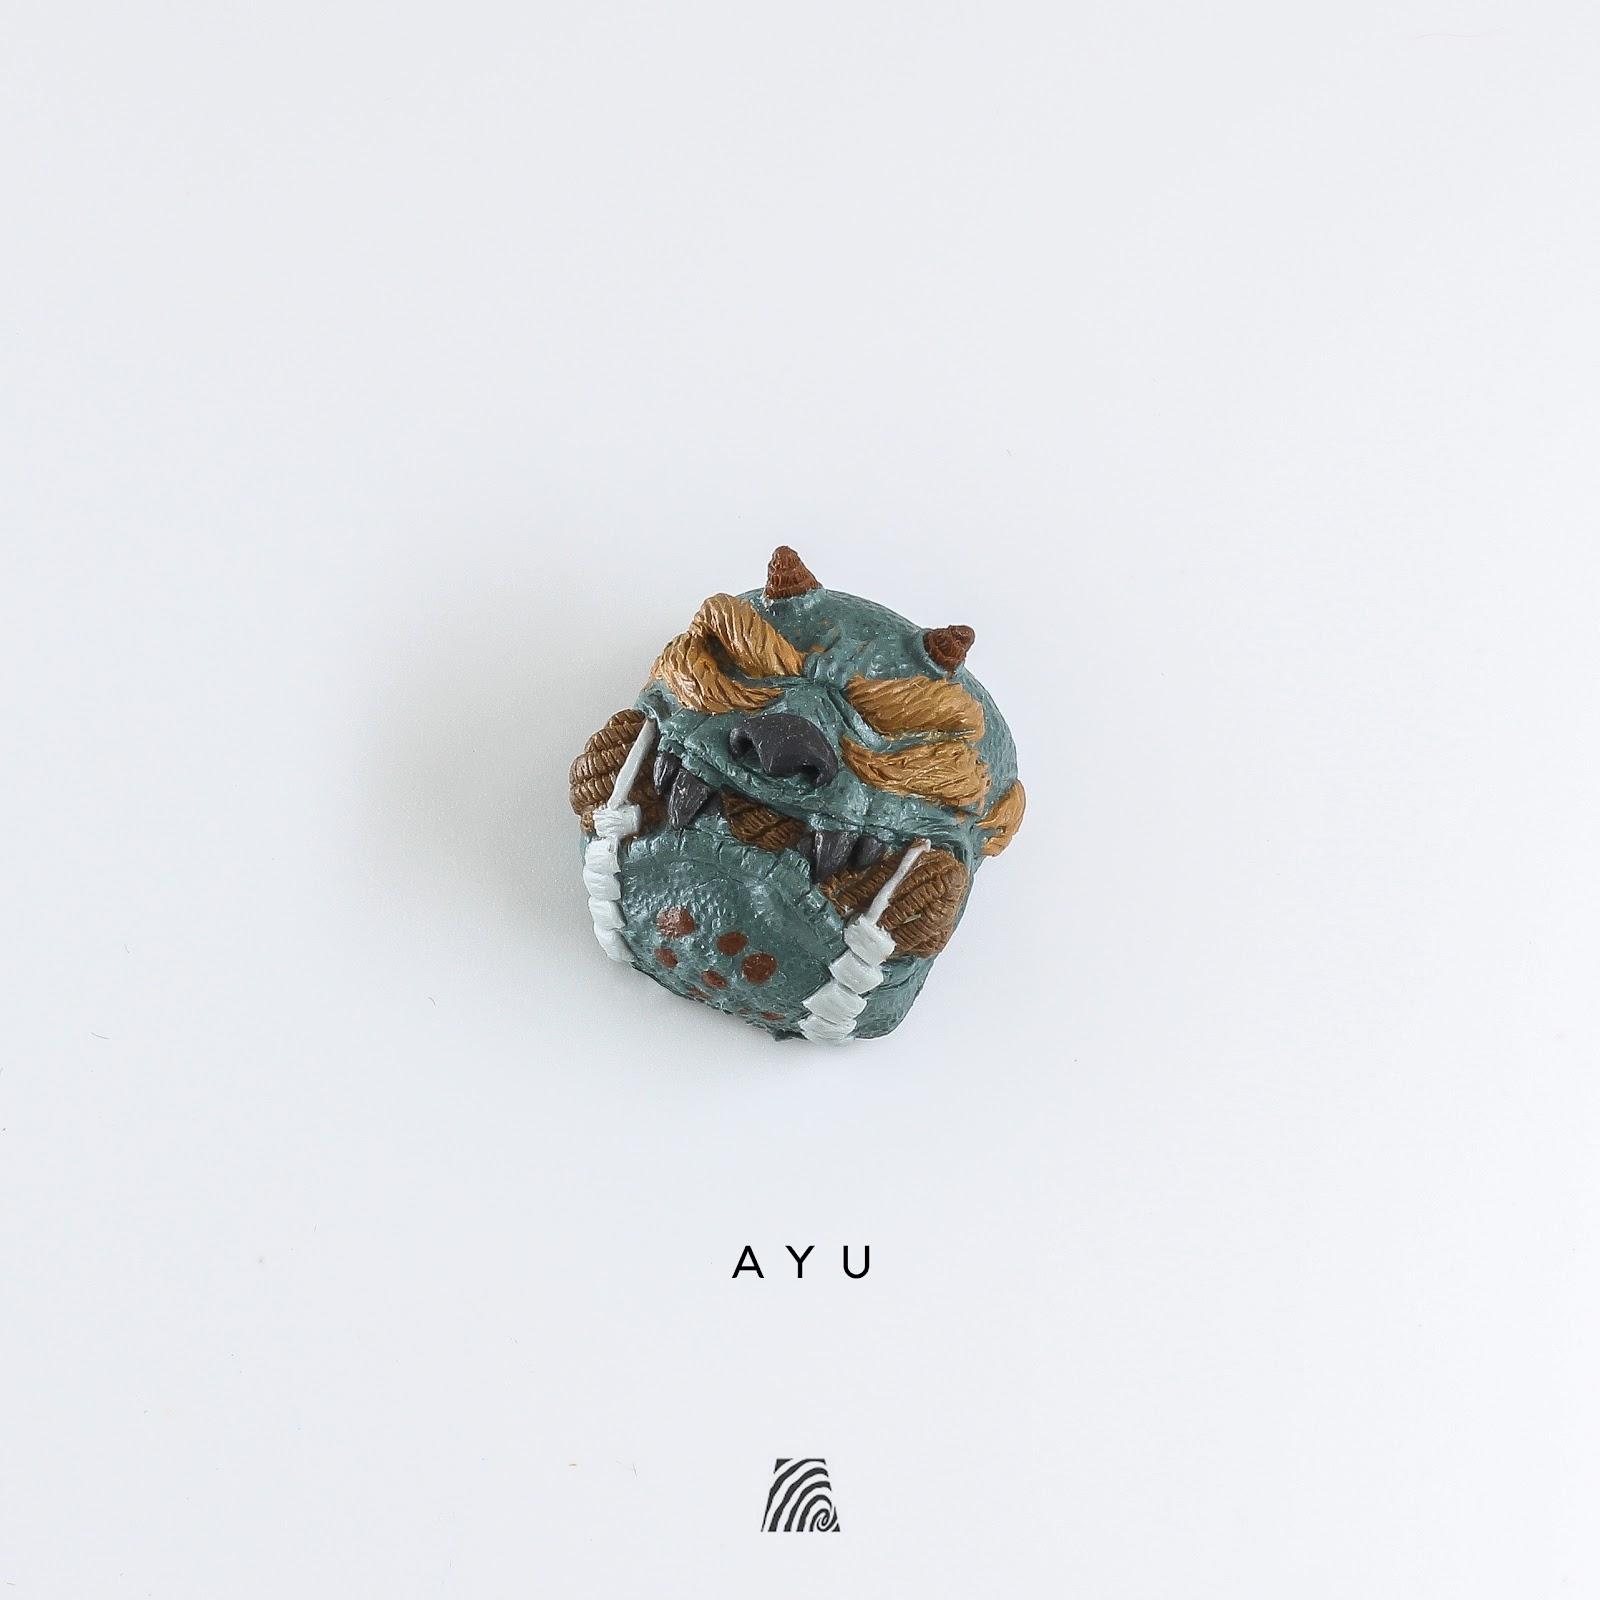 Artkey - Ayu Raijitsuki (Raiji)